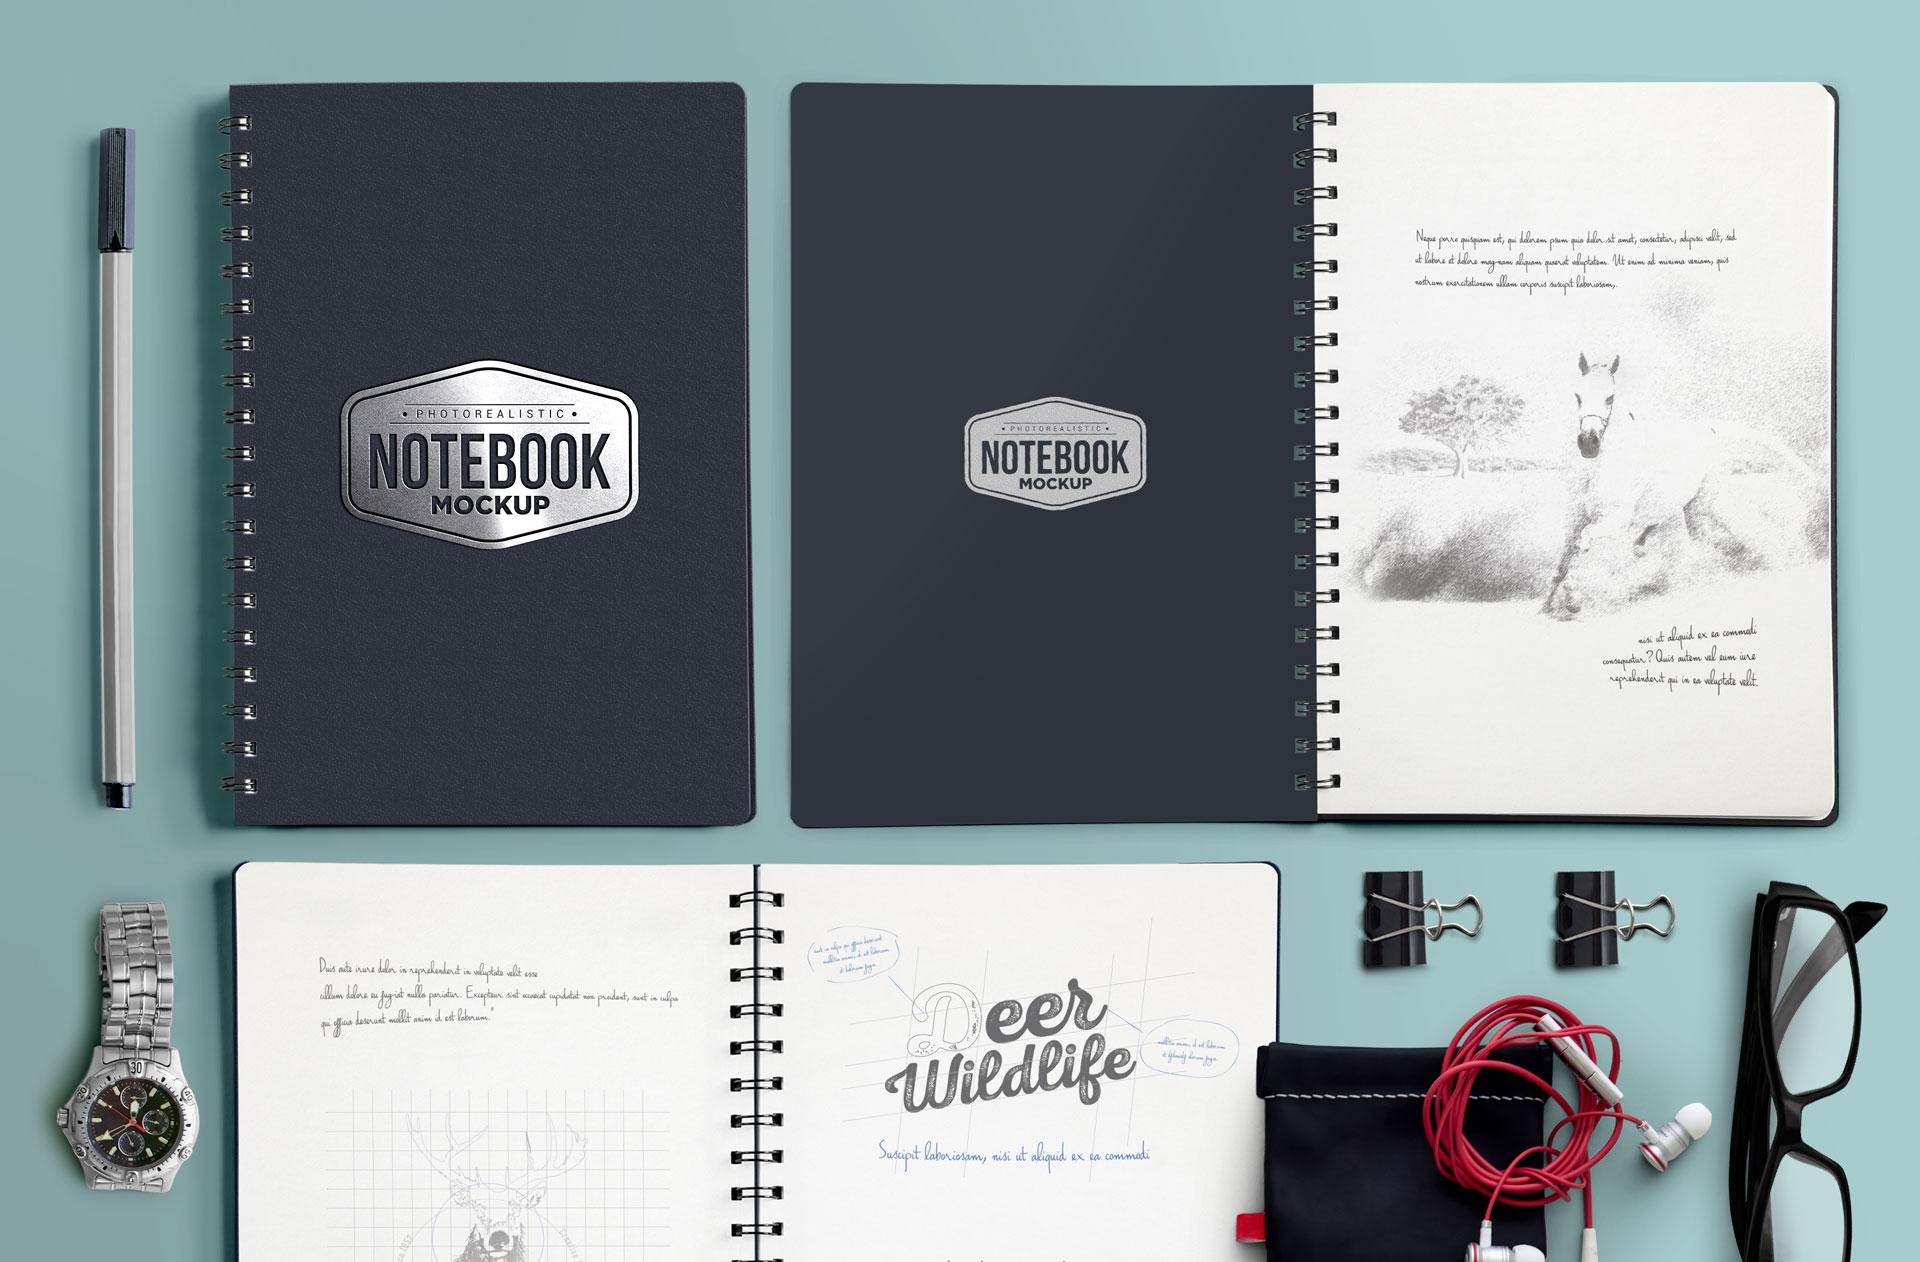 note-book-mockup-scene-02